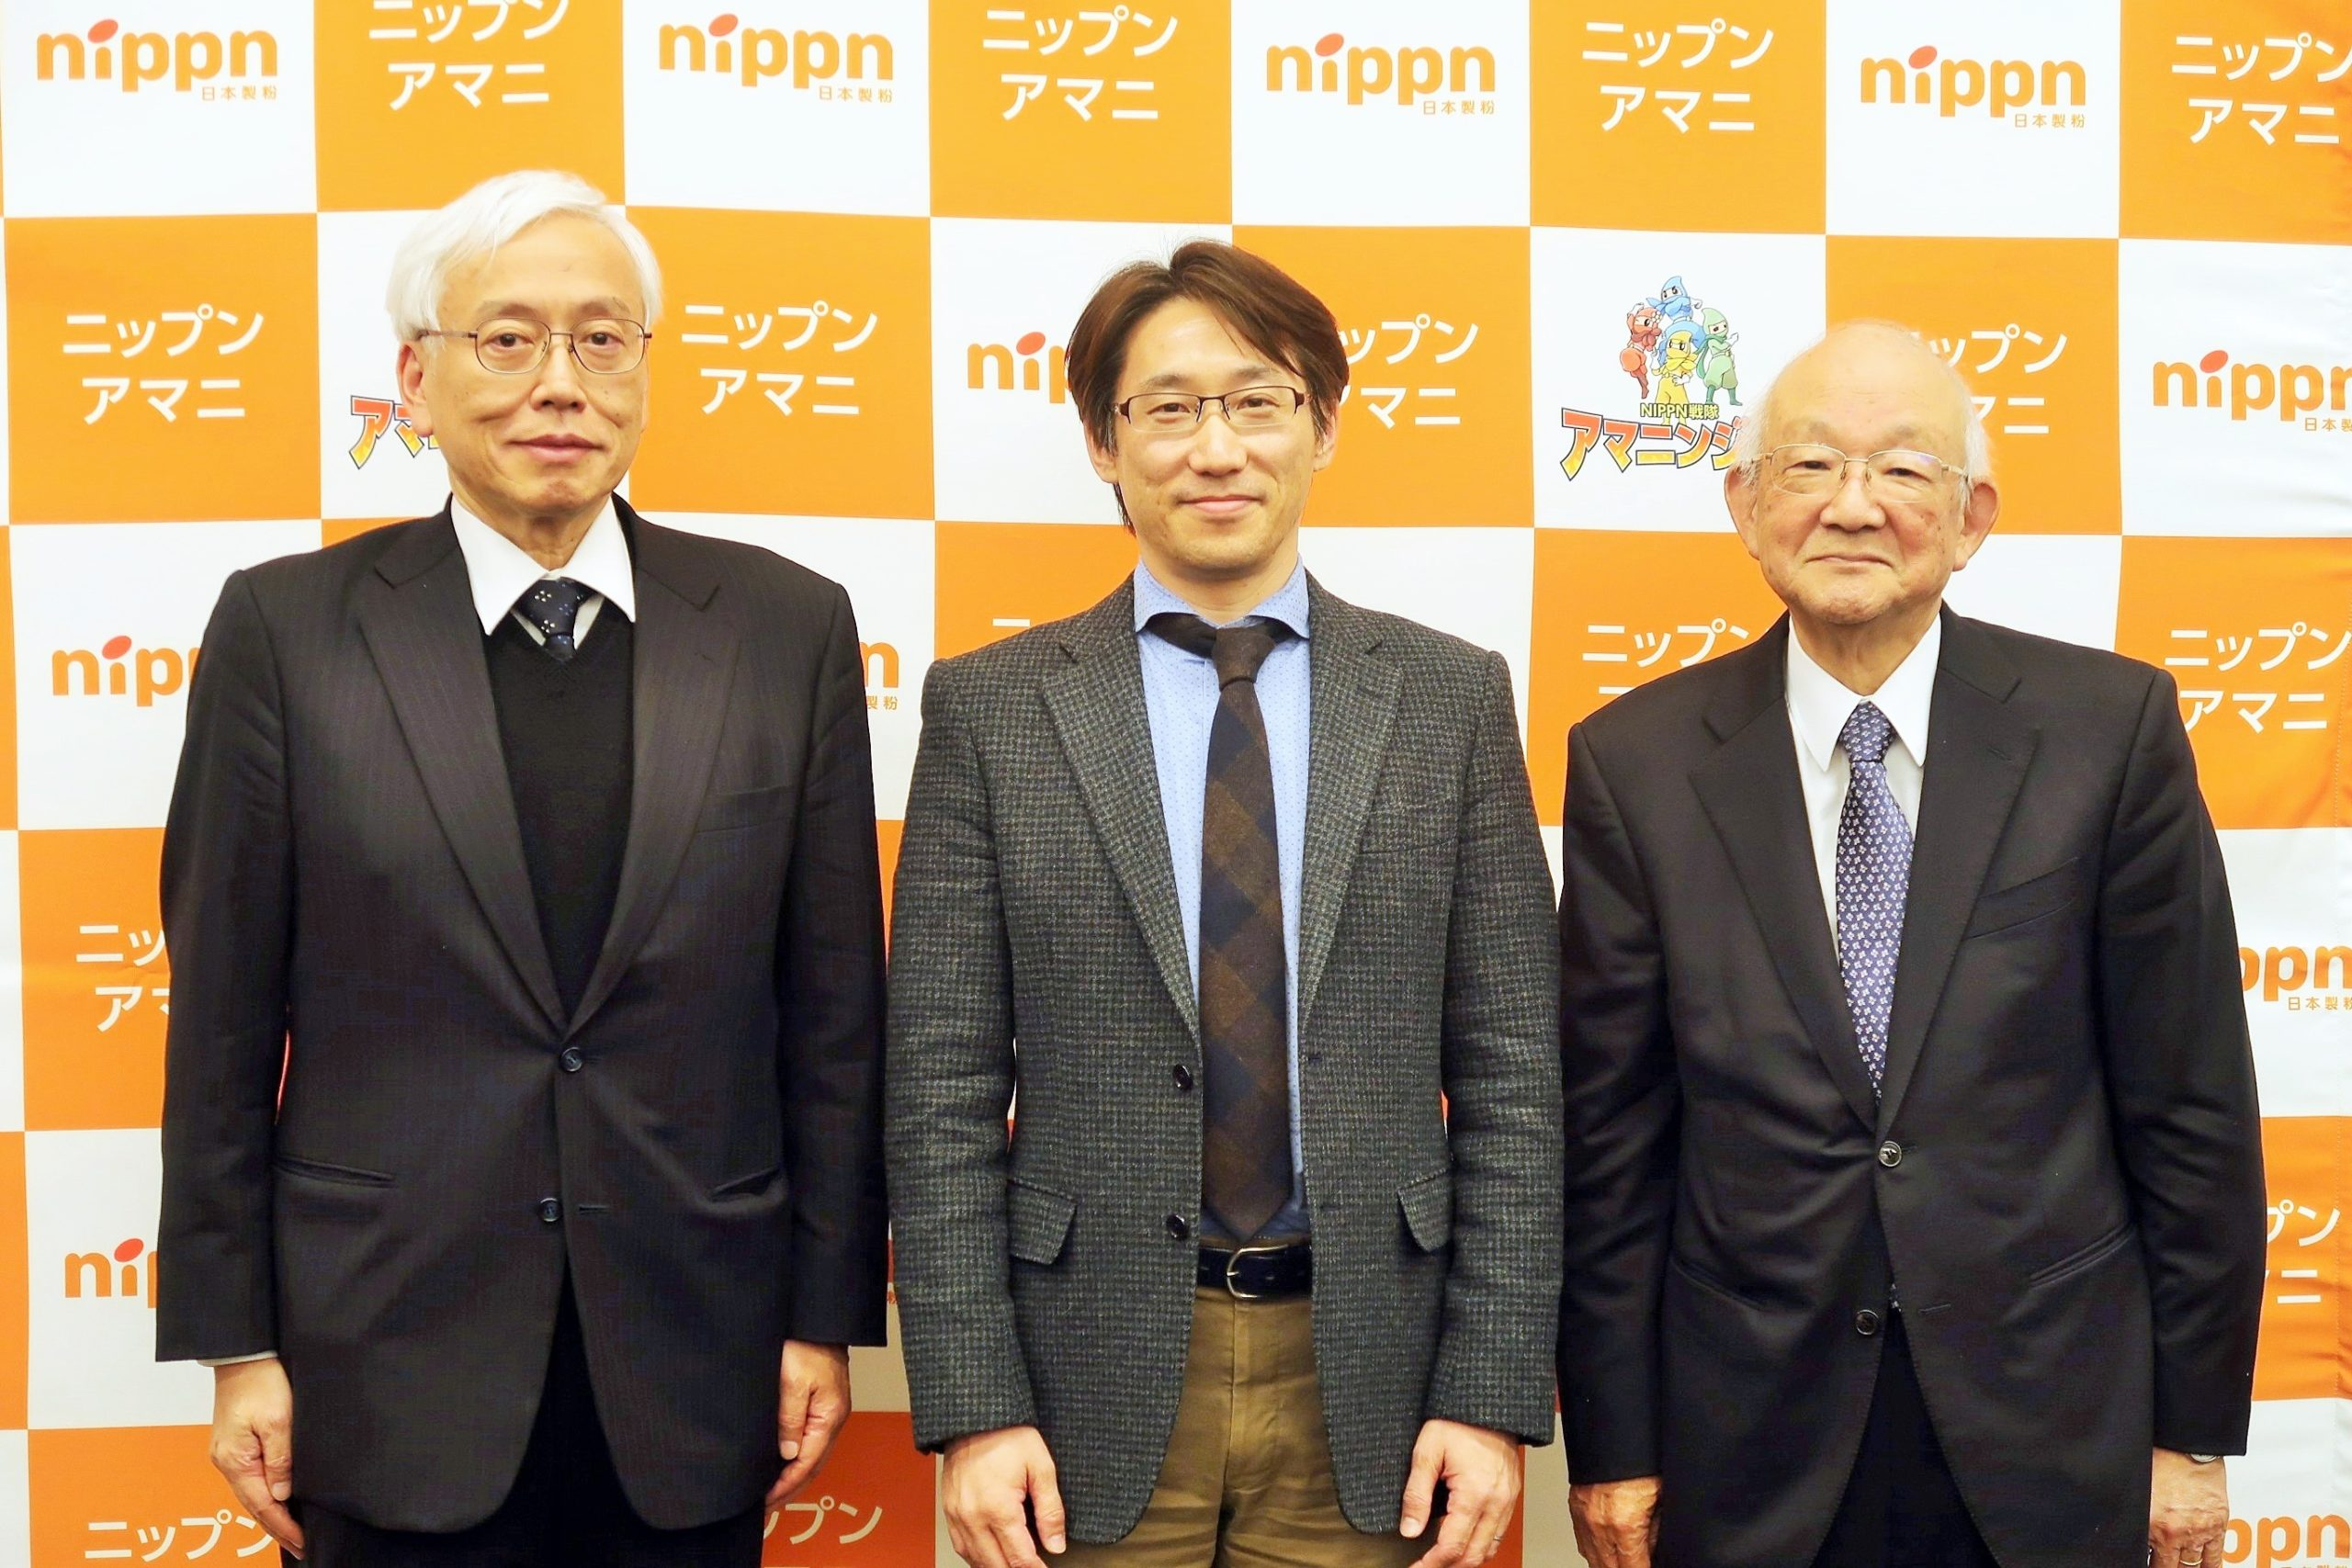 第12回アマニ&マスリン酸フォーラムセミナー/日本製粉